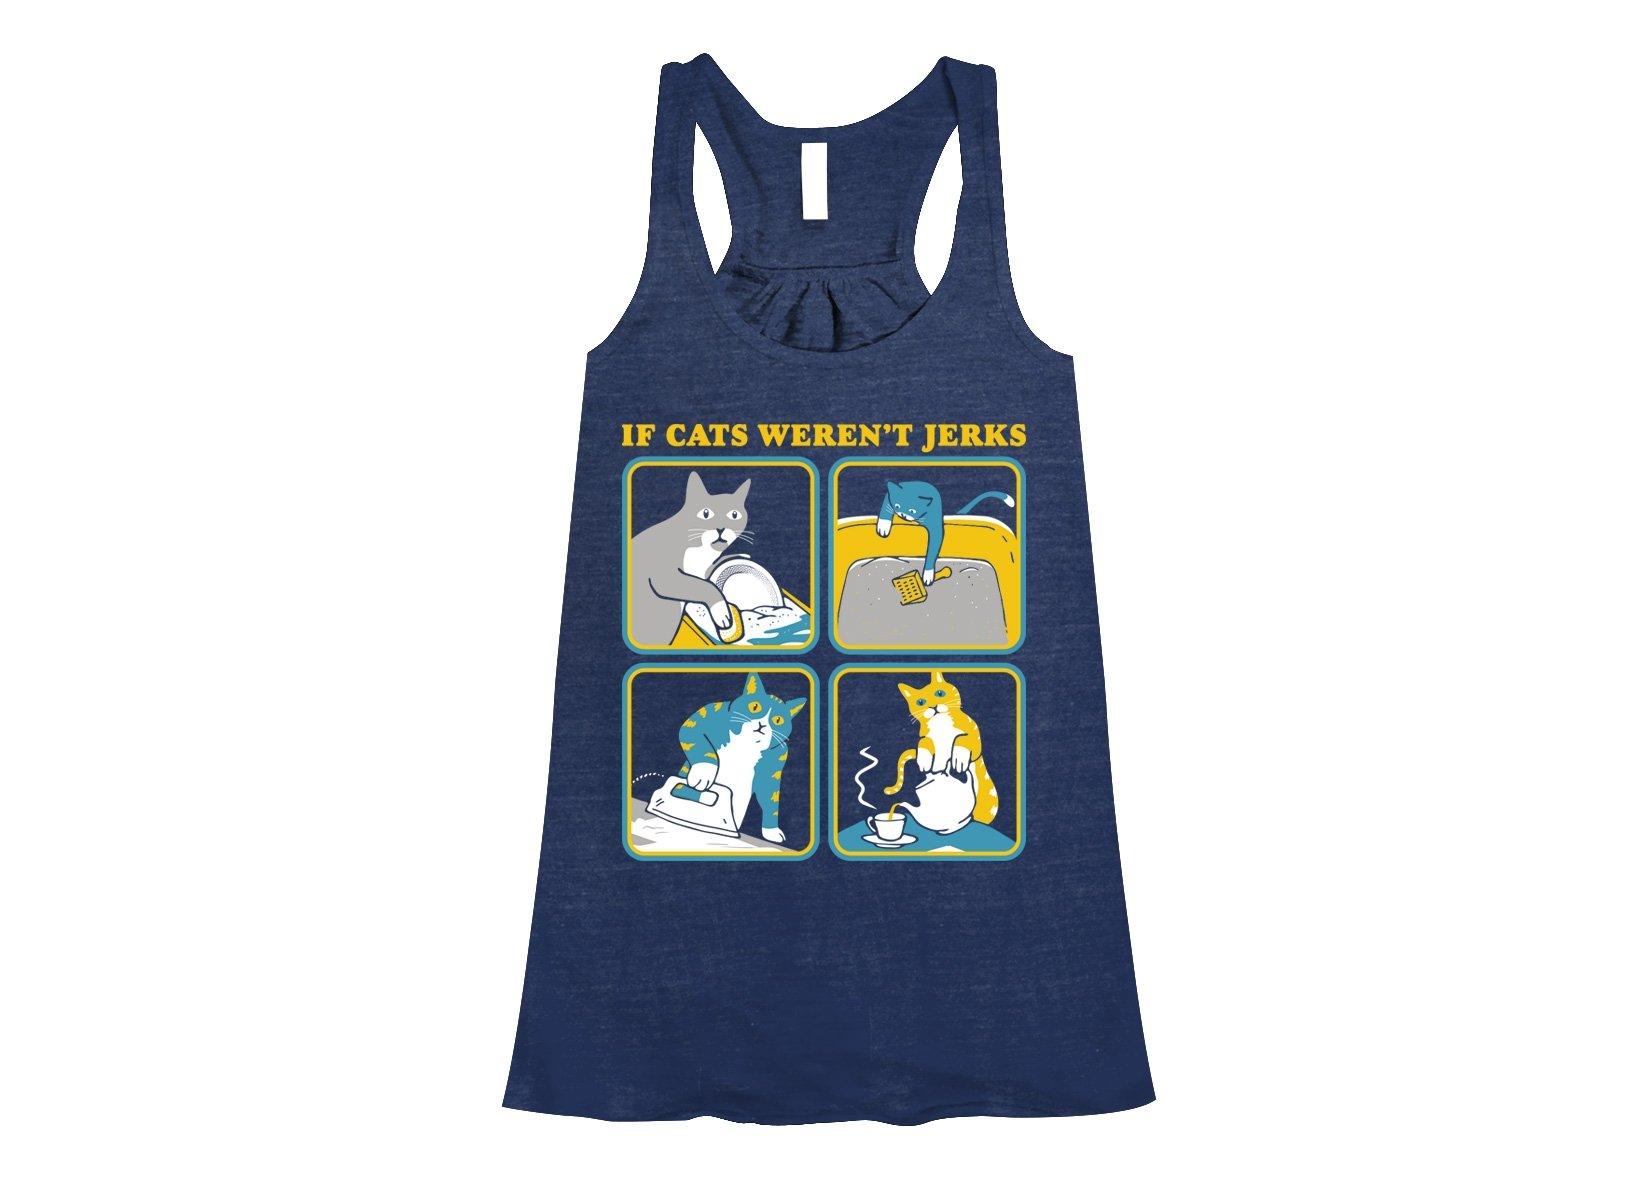 If Cats Weren't Jerks on Womens Tanks T-Shirt